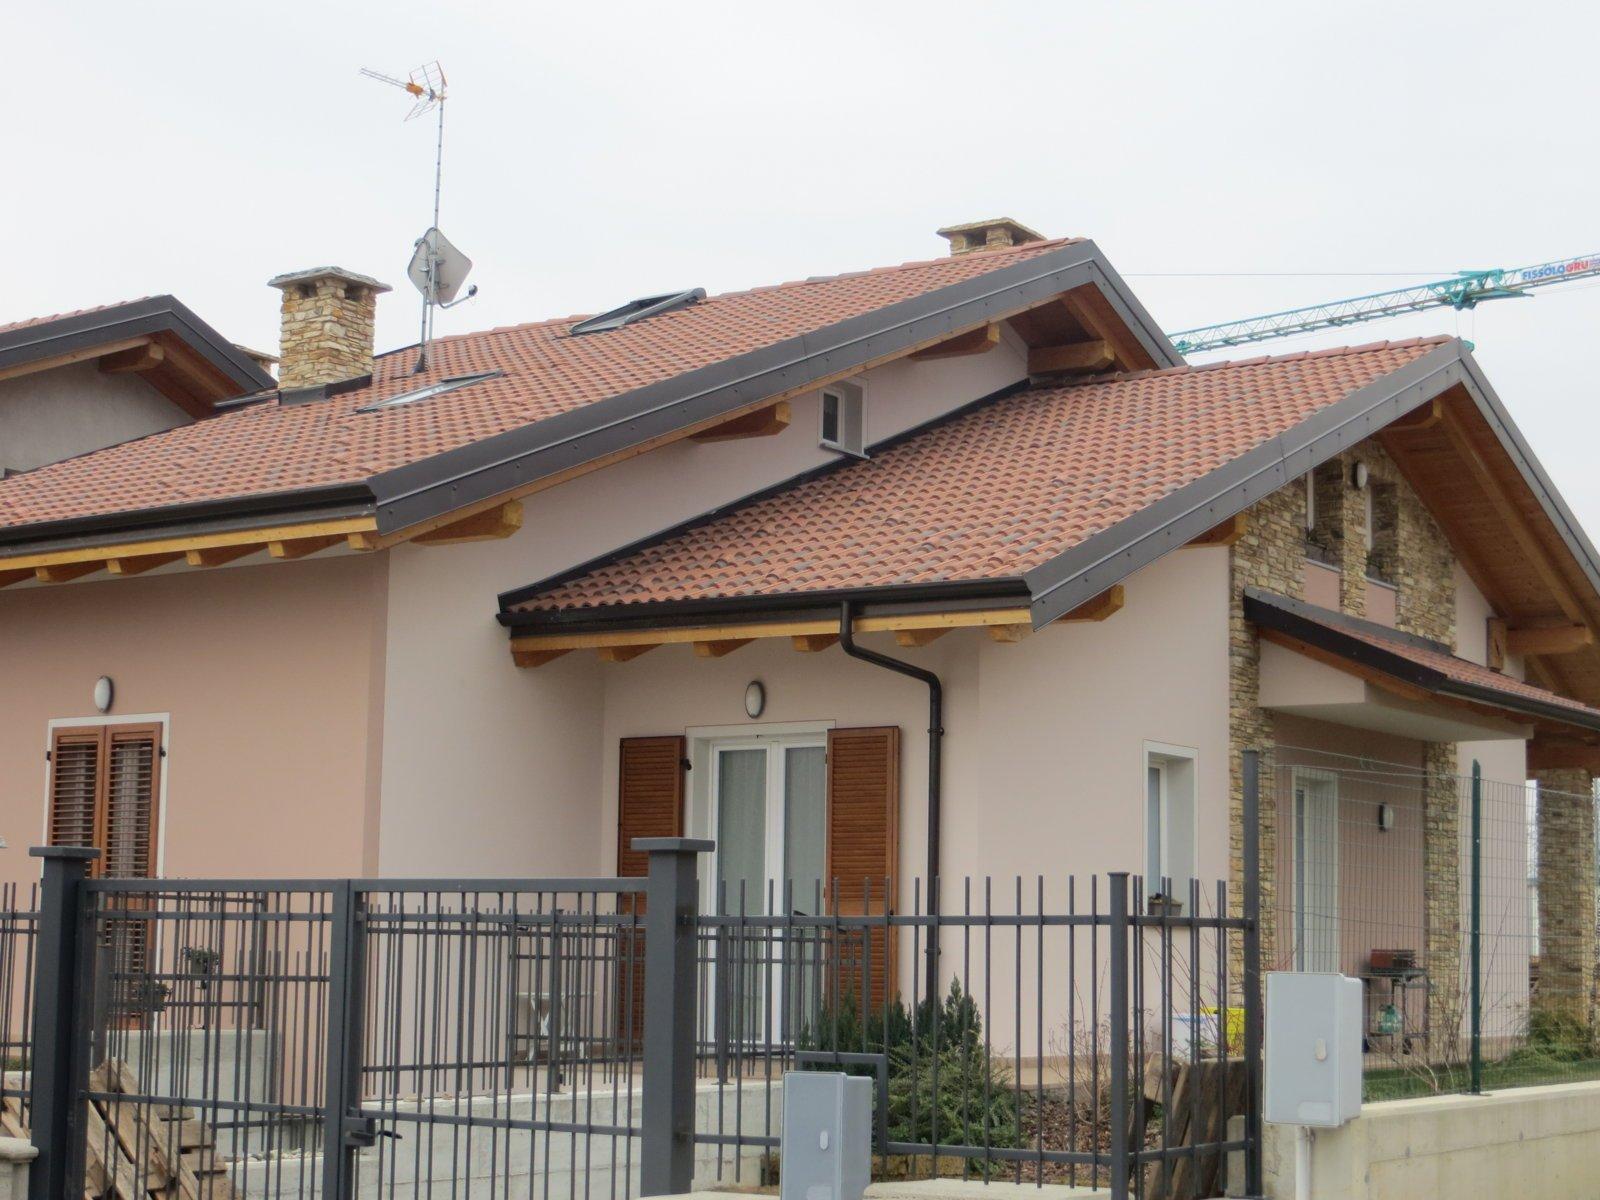 ingresso di una villa con tetto spiovente